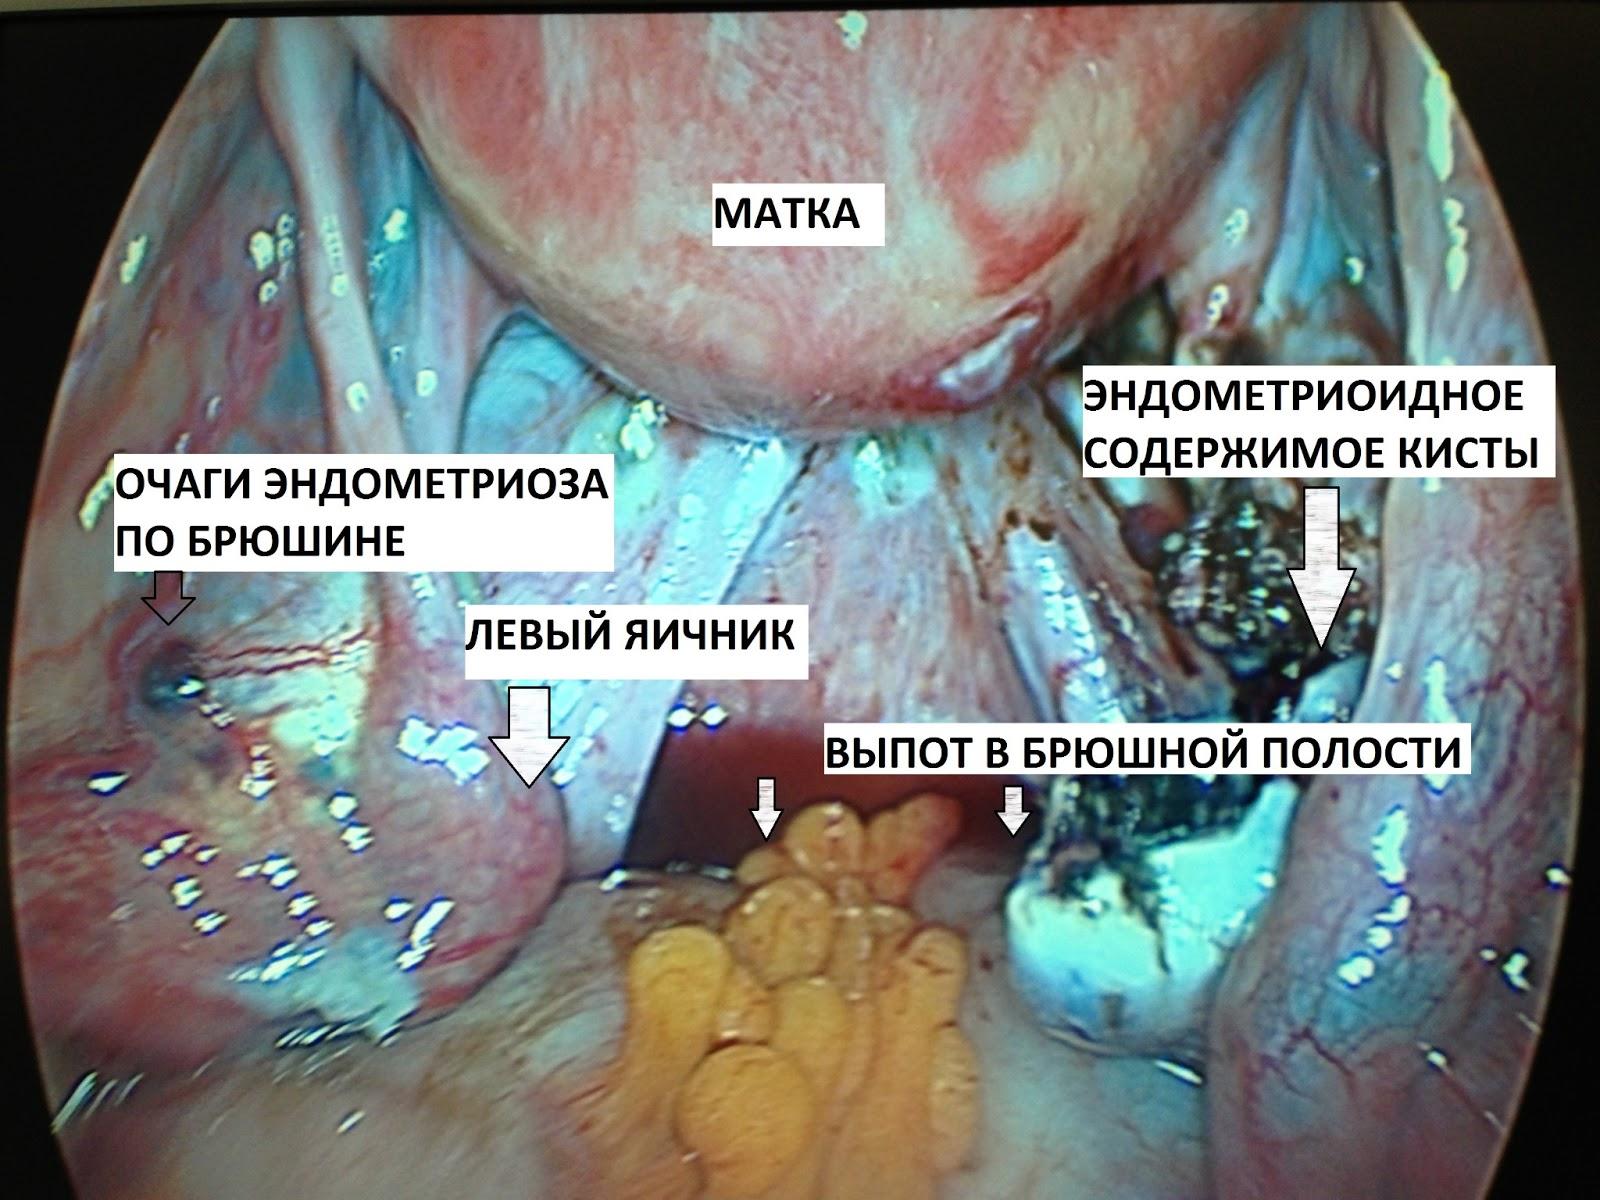 Гинеколог увидел две вагины фото 360-848